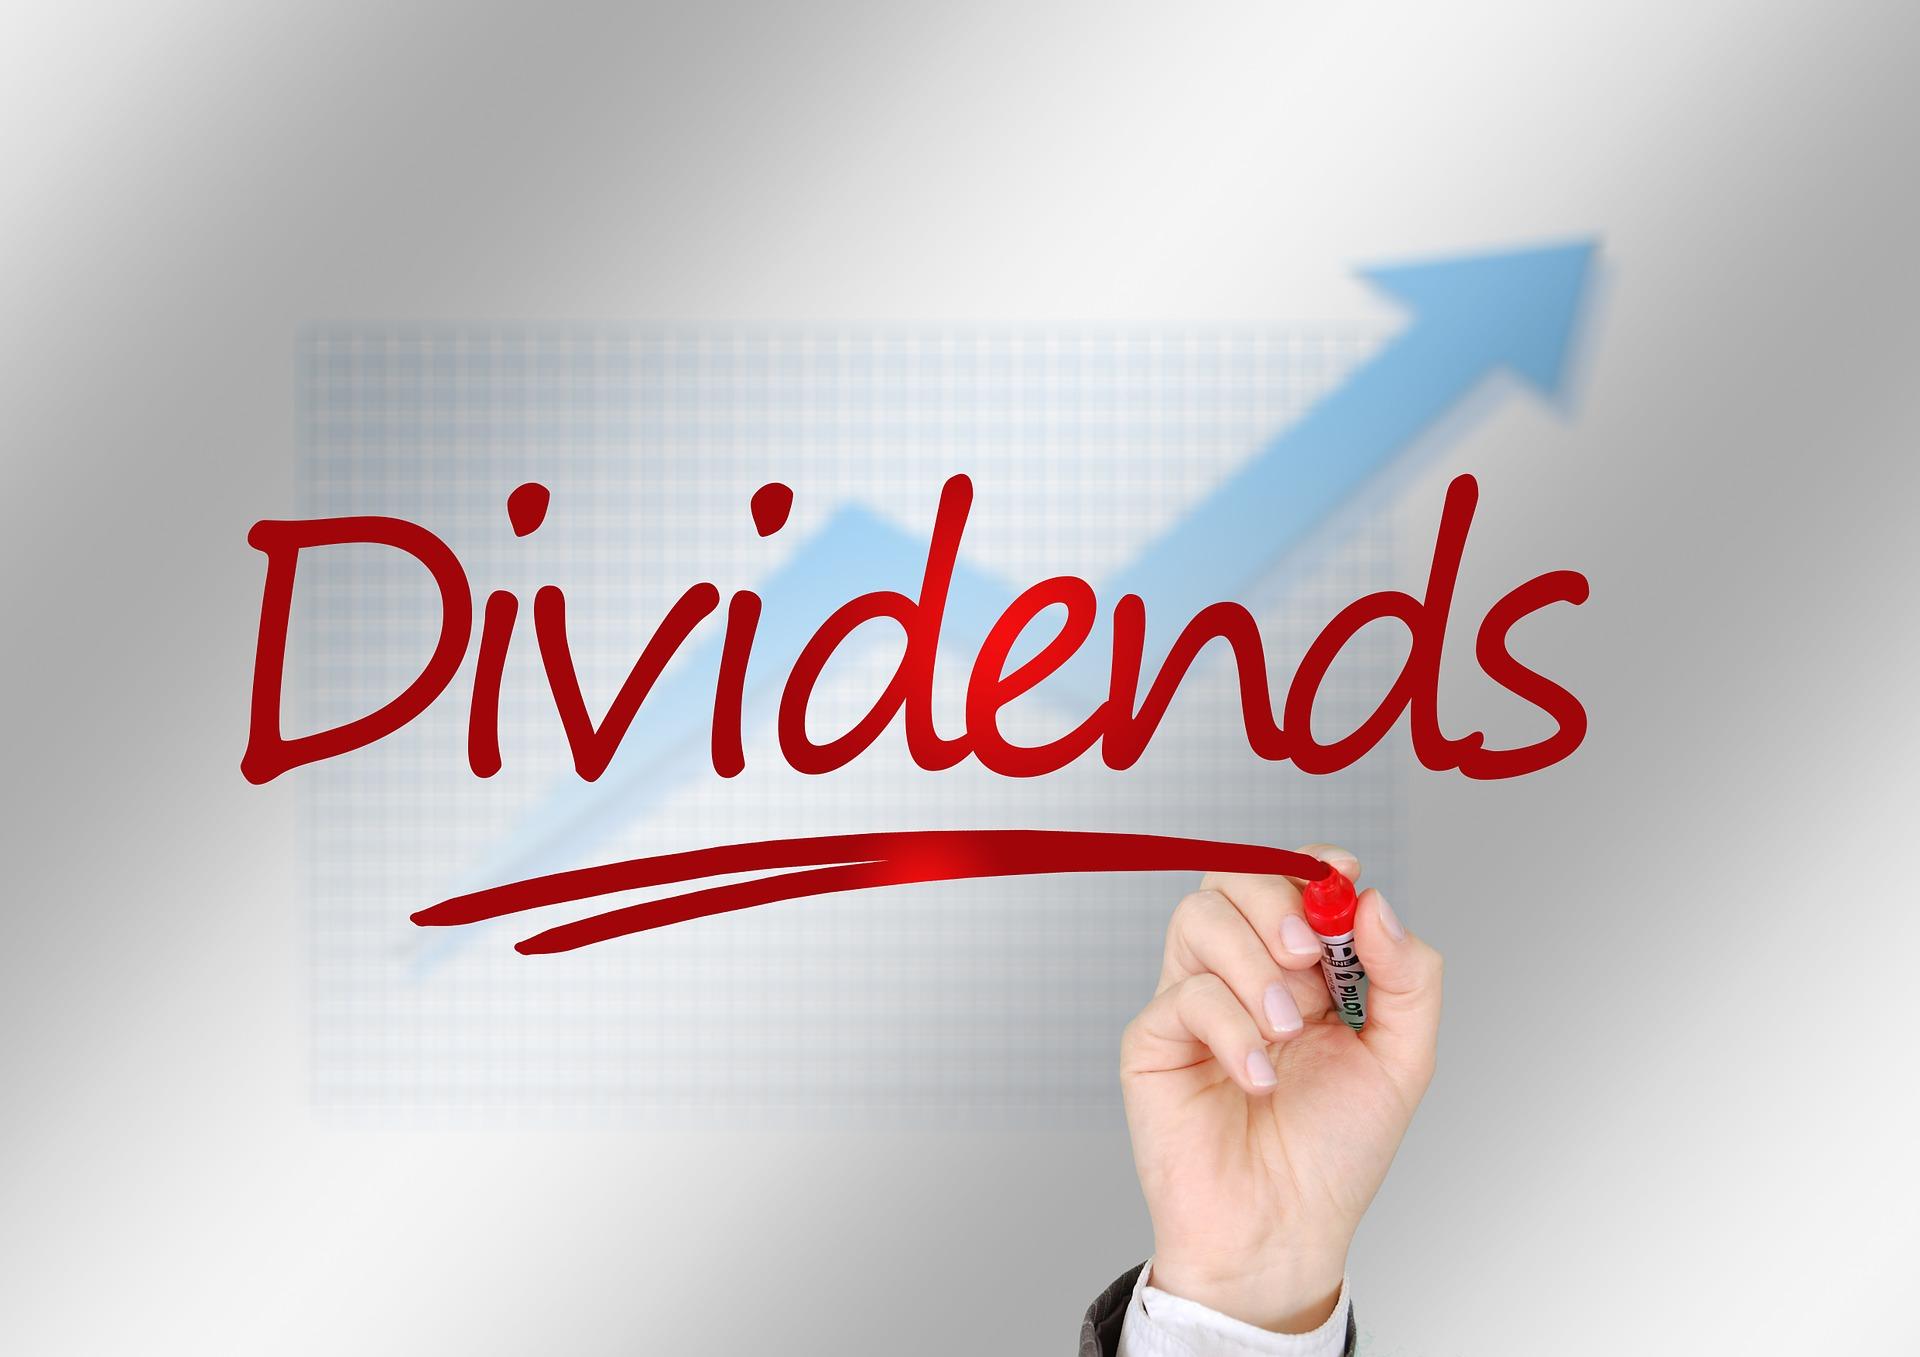 【株主還元】創業者一族経営と個人投資家の相性を考える